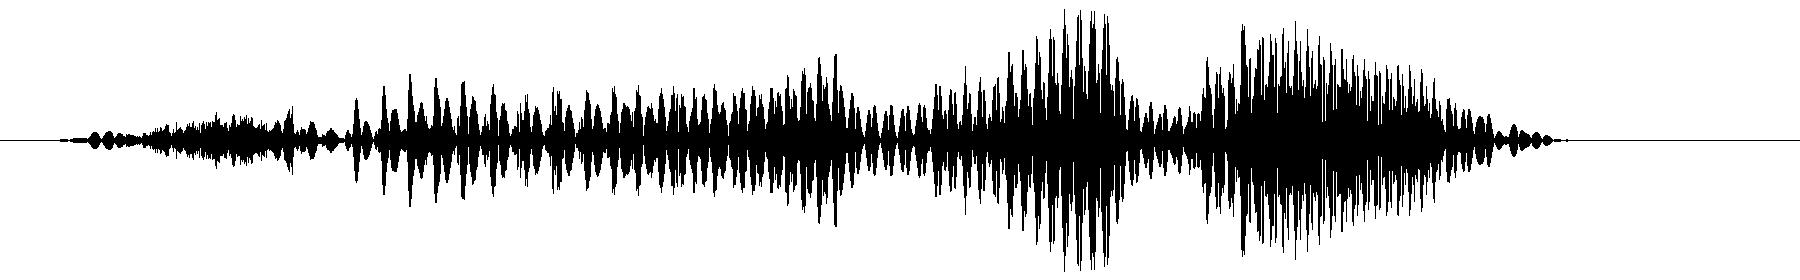 e speech 144